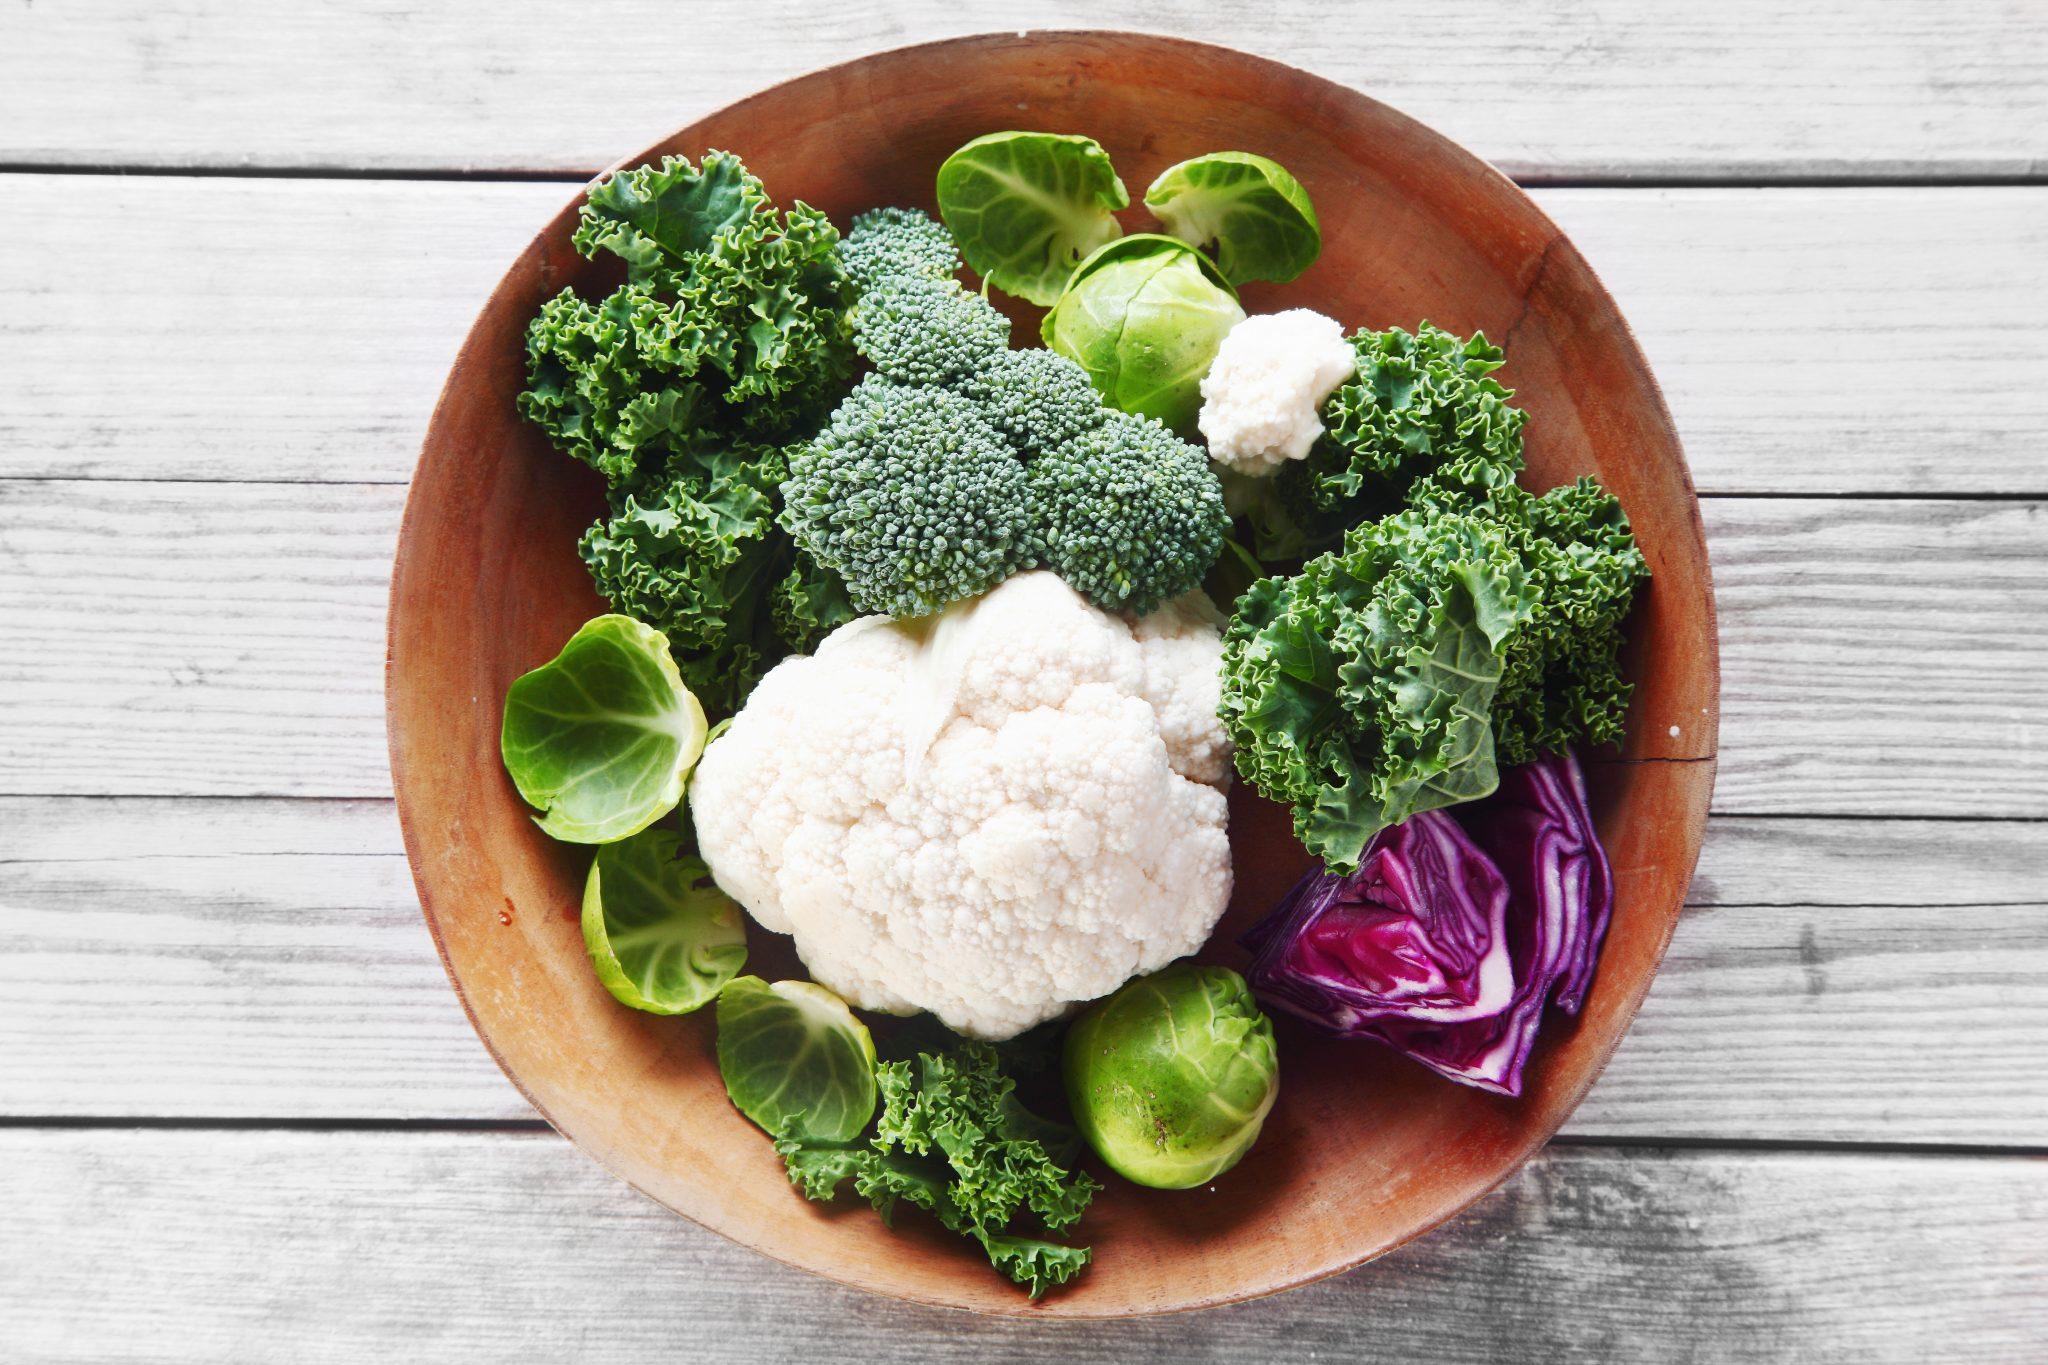 Alimentación crudivegana o raw – ¡Más vegetales crudos en tus platos!